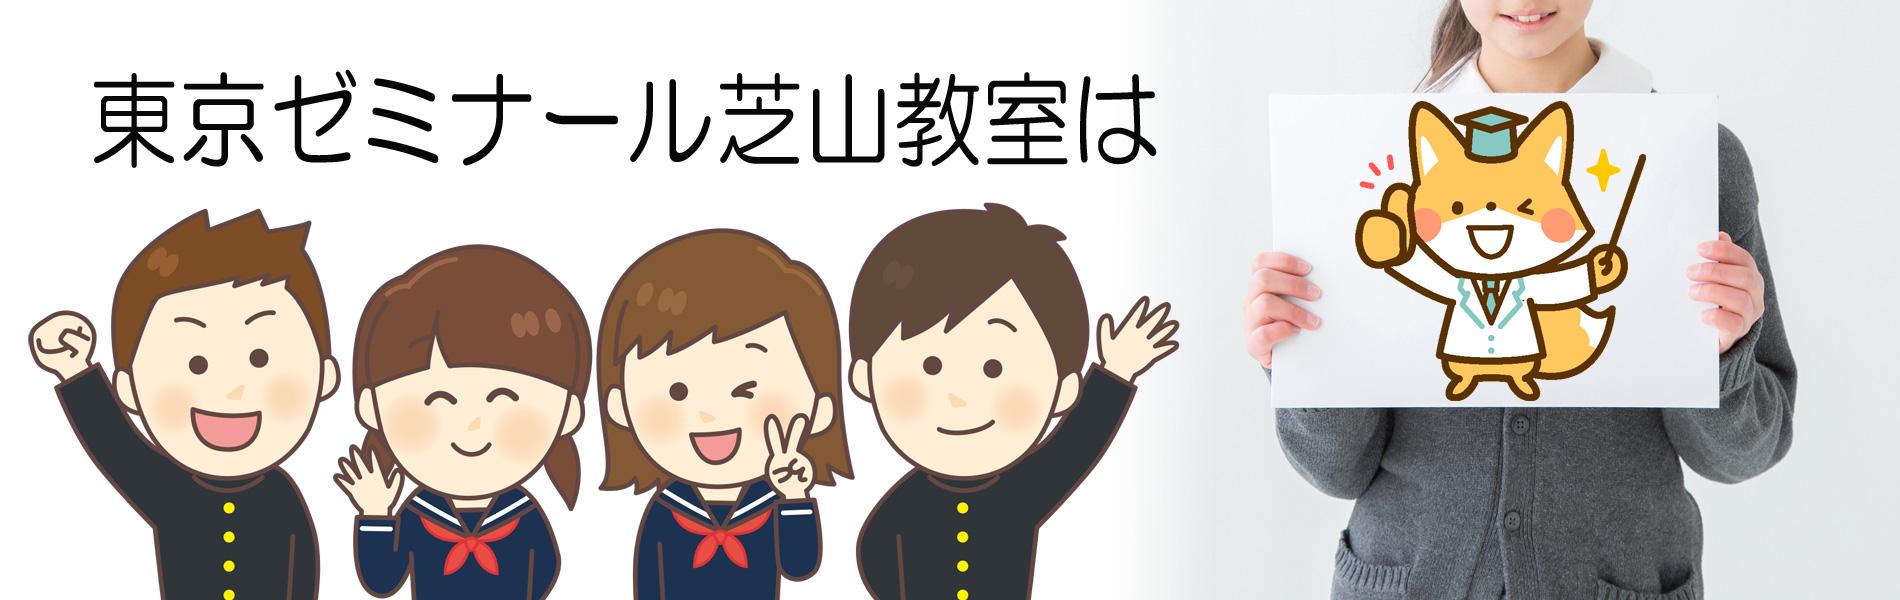 東京ゼミナール 芝山教室は